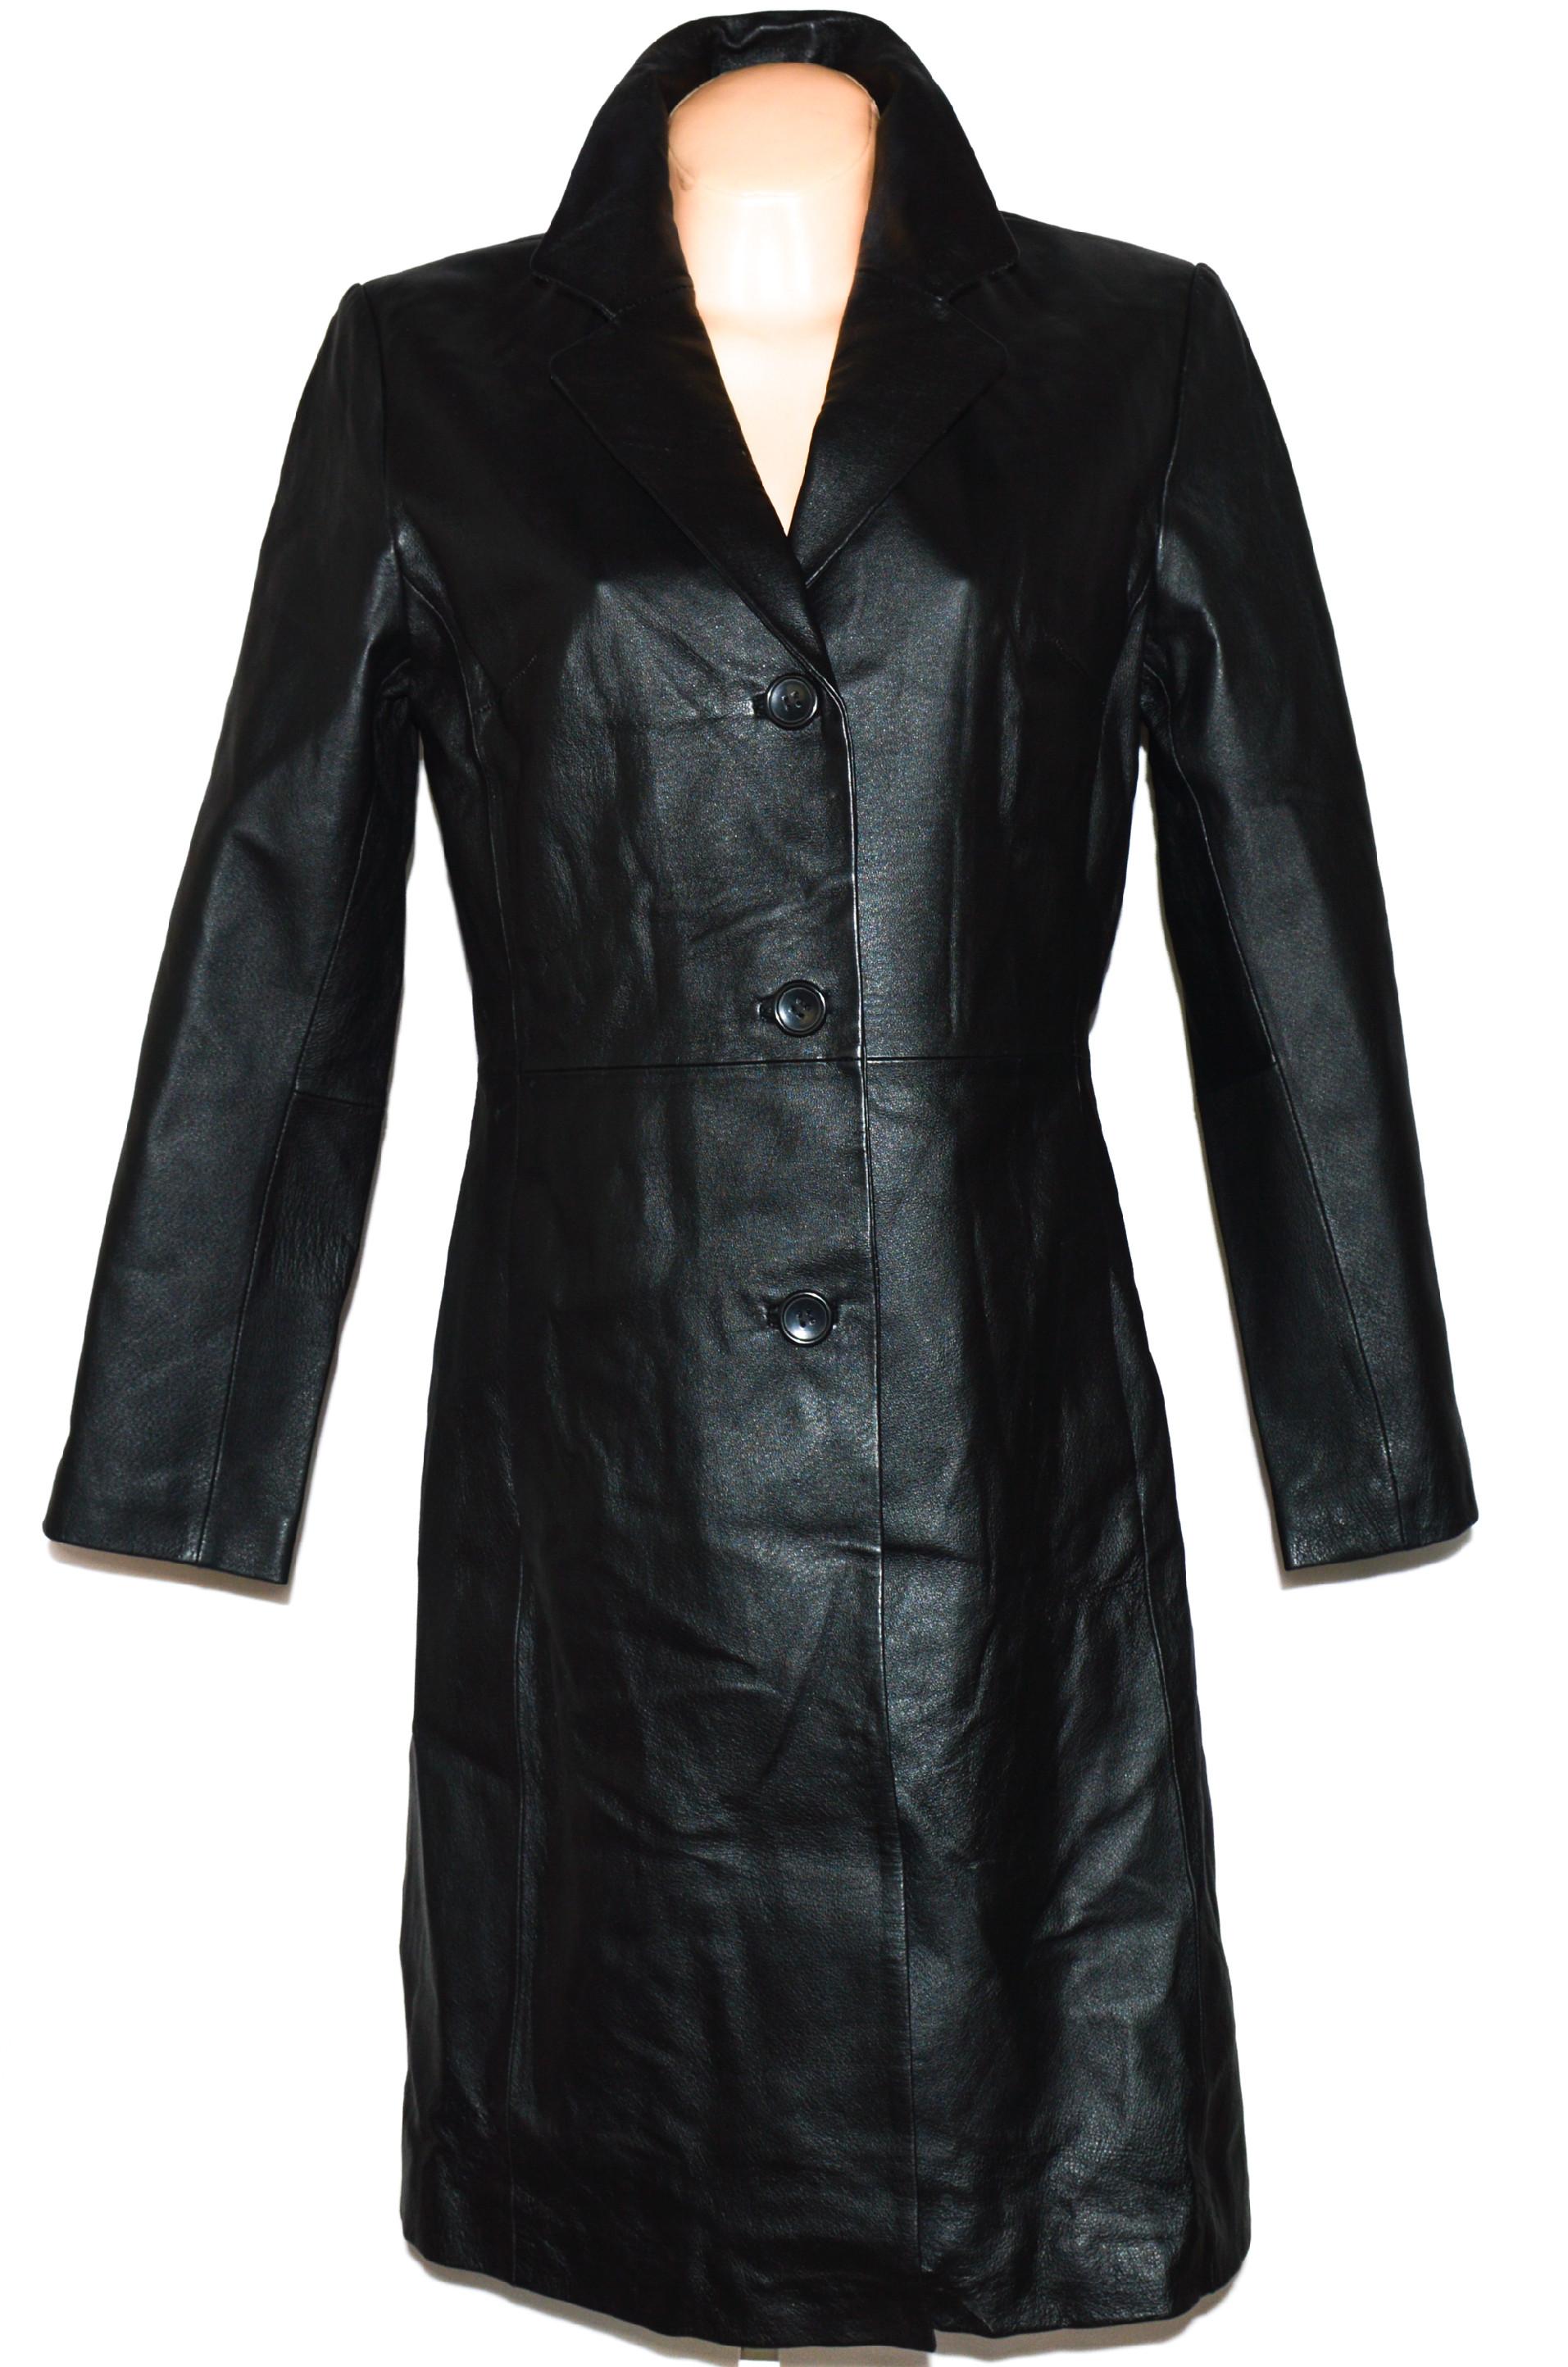 KOŽENÝ dámský dlouhý černý kabát Target L 3ca9b5adad